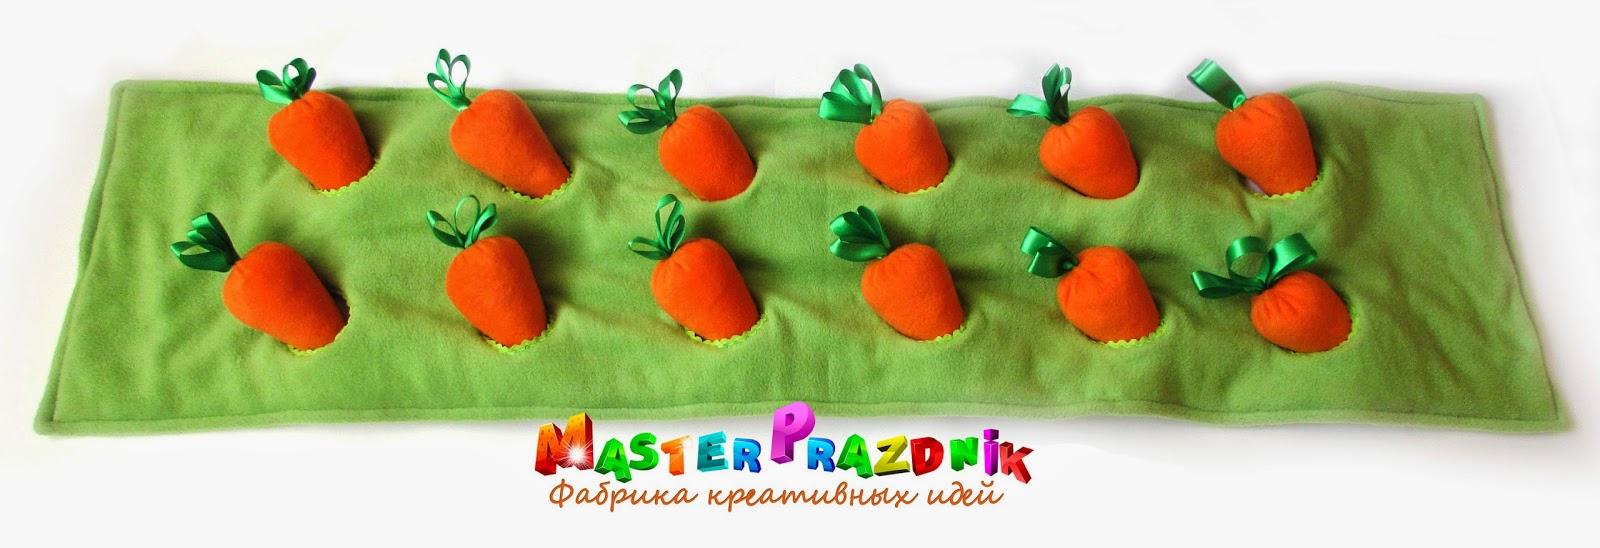 реквизит морковная грядка, грядка морковки реквизит,морковная грядка, реквизит для праздников, реквизит для аниматоров, праздники в Смоленске, детские праздники в Смоленске, реквизит для ведущих